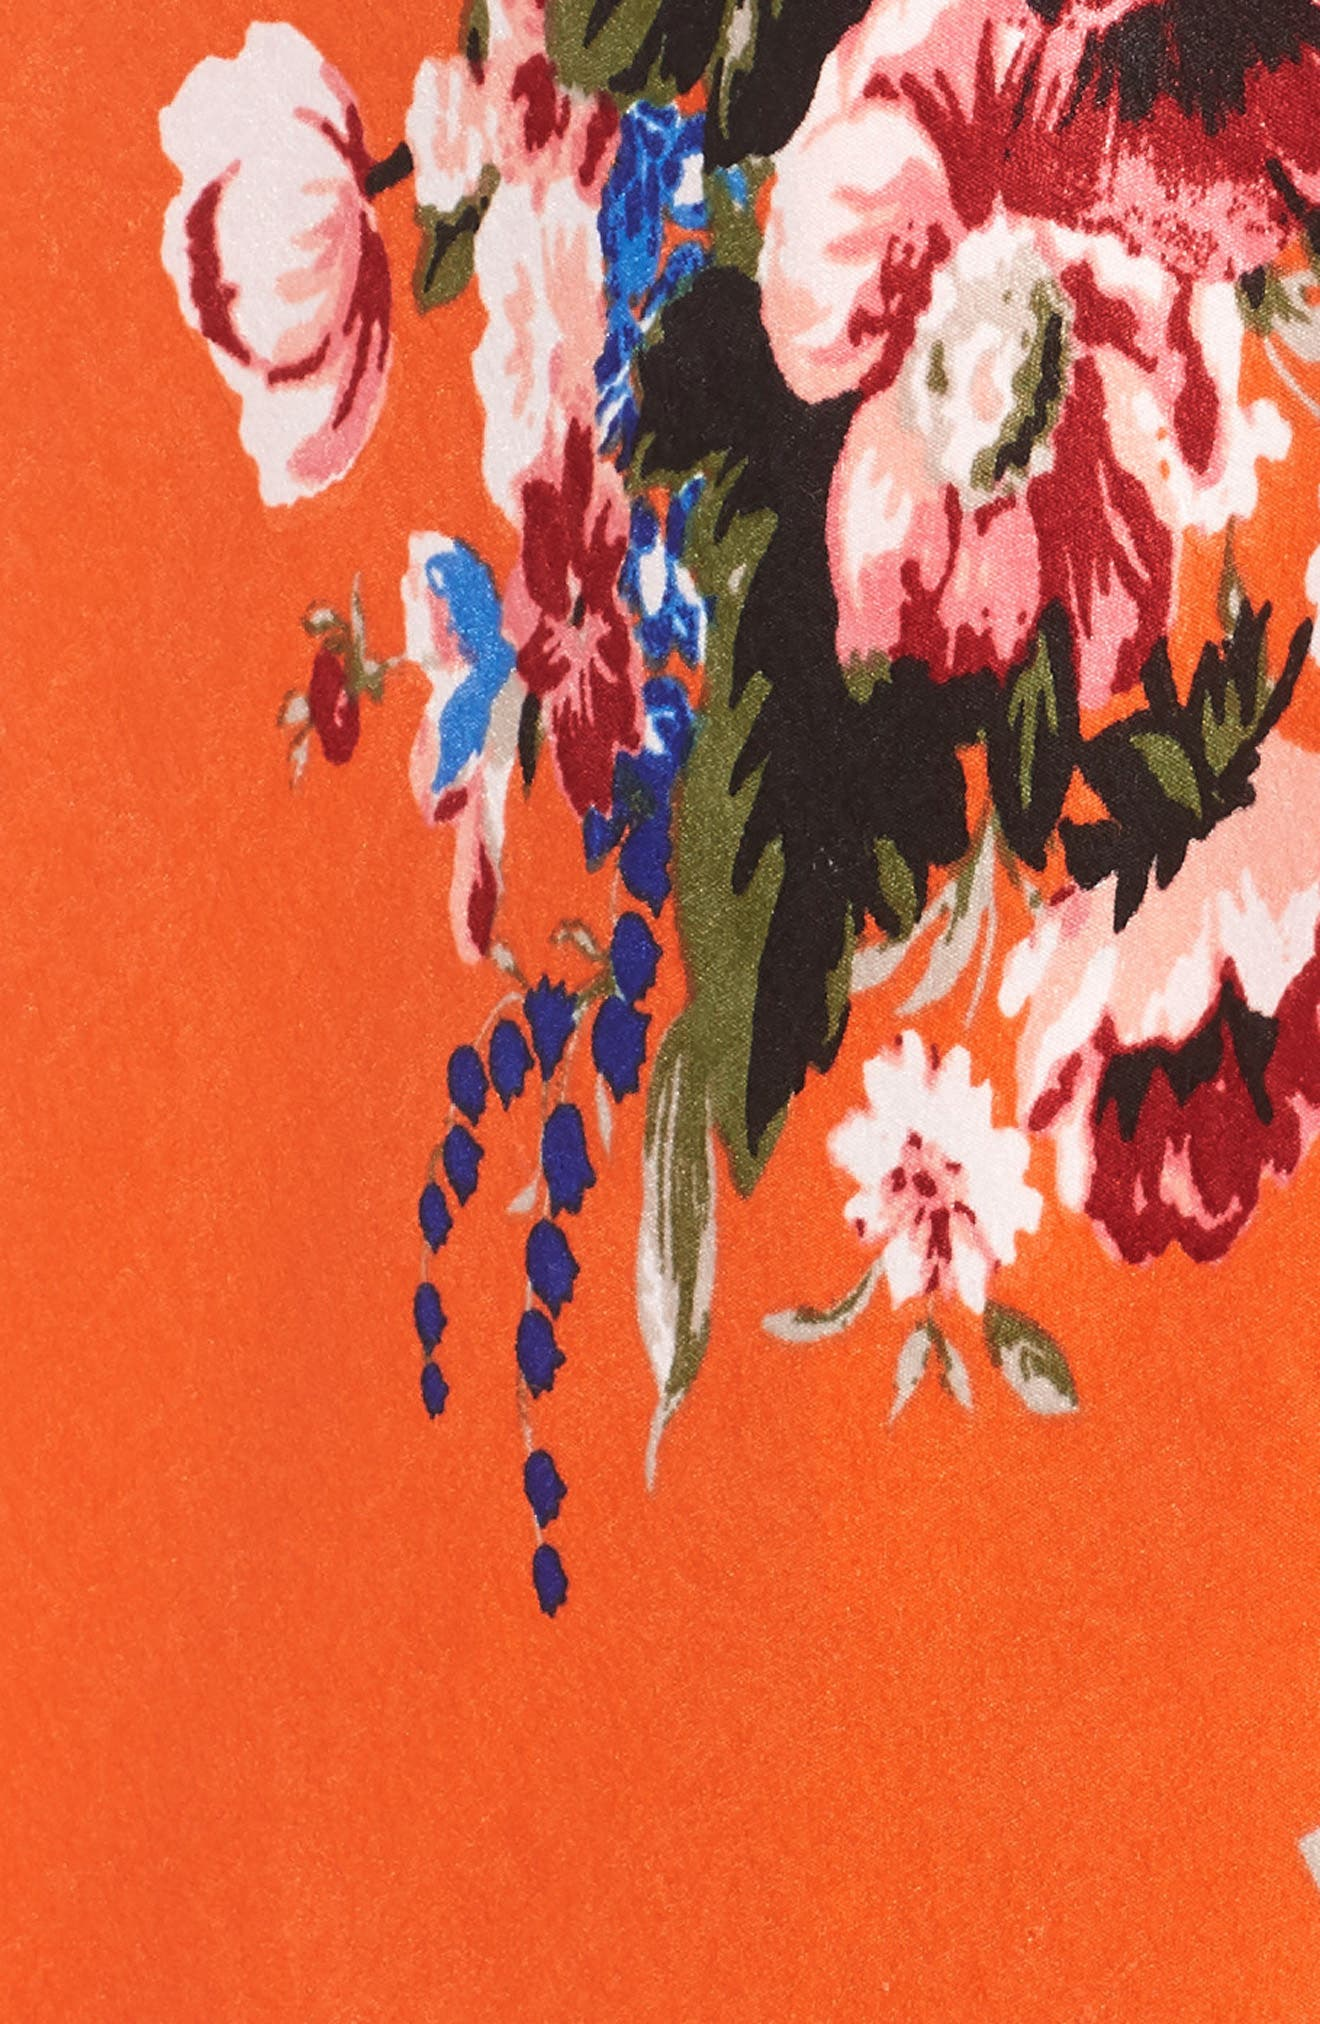 Lulu Off the Shoulder Crop Top,                             Alternate thumbnail 5, color,                             ORANGE ROSE